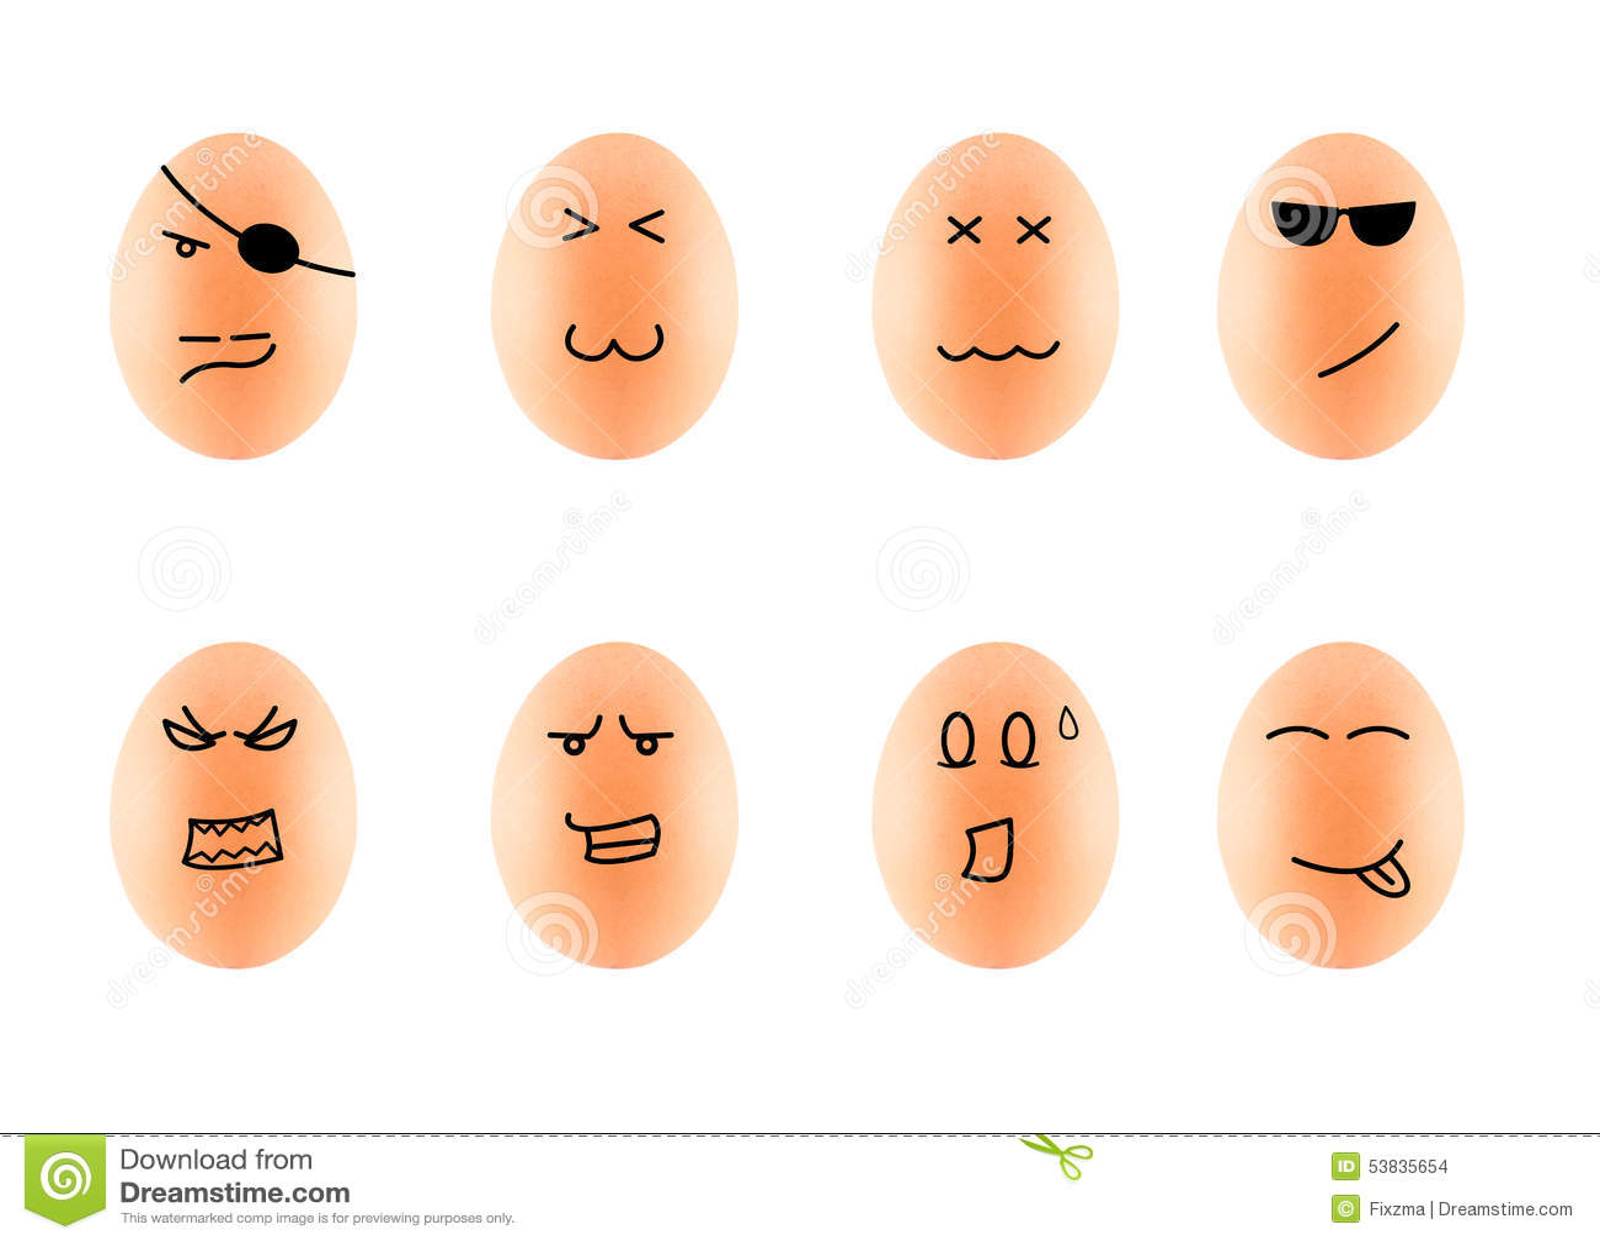 Наши зажимы для яичек фото